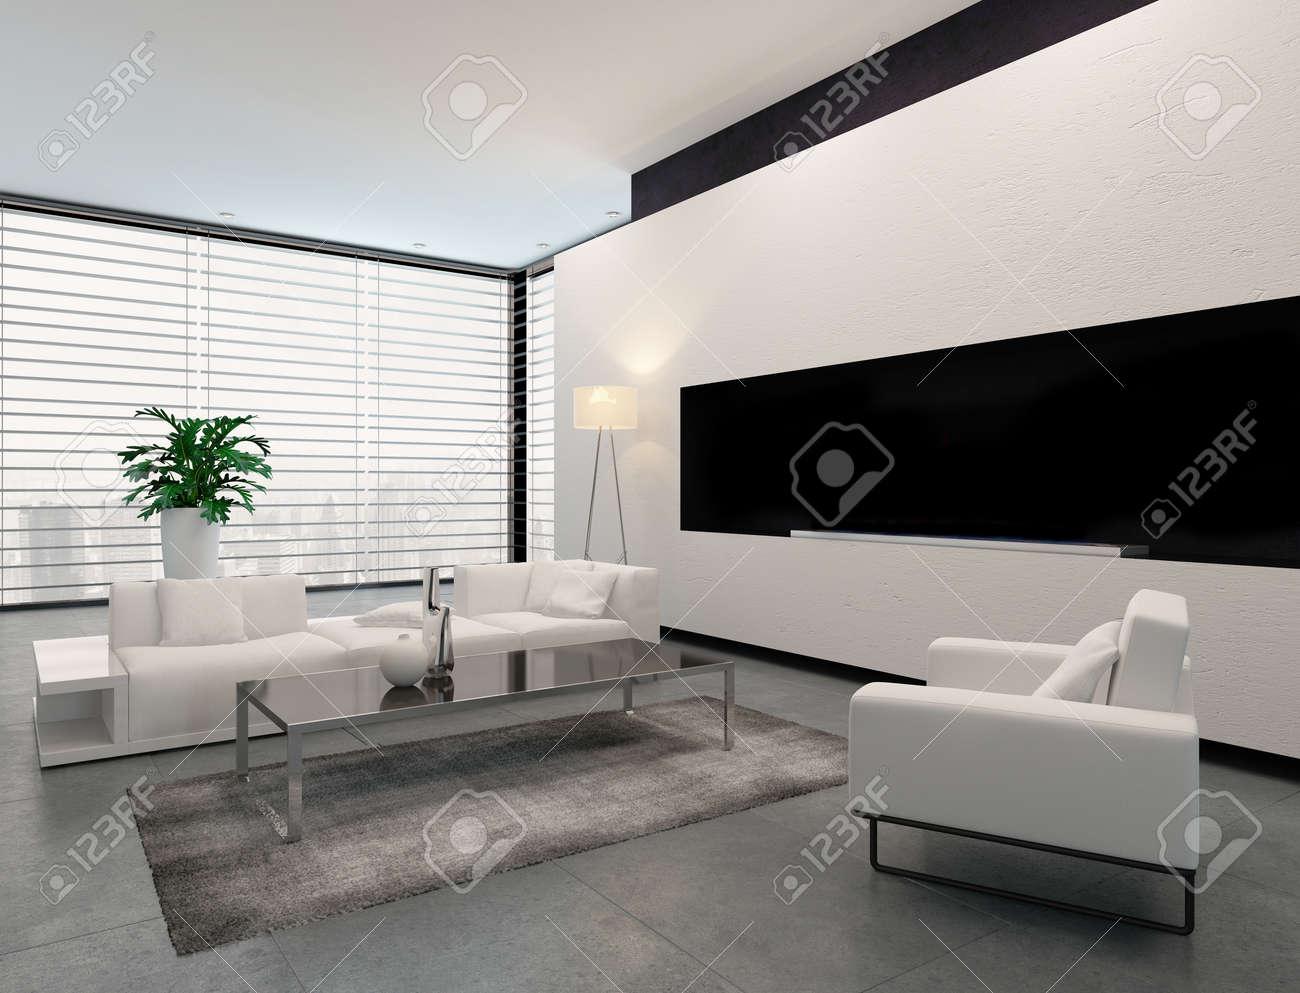 deko schwarz weiß wohnzimmer. modernes wohnzimmer schwarz weiss ... - Moderne Wohnzimmer Bilder